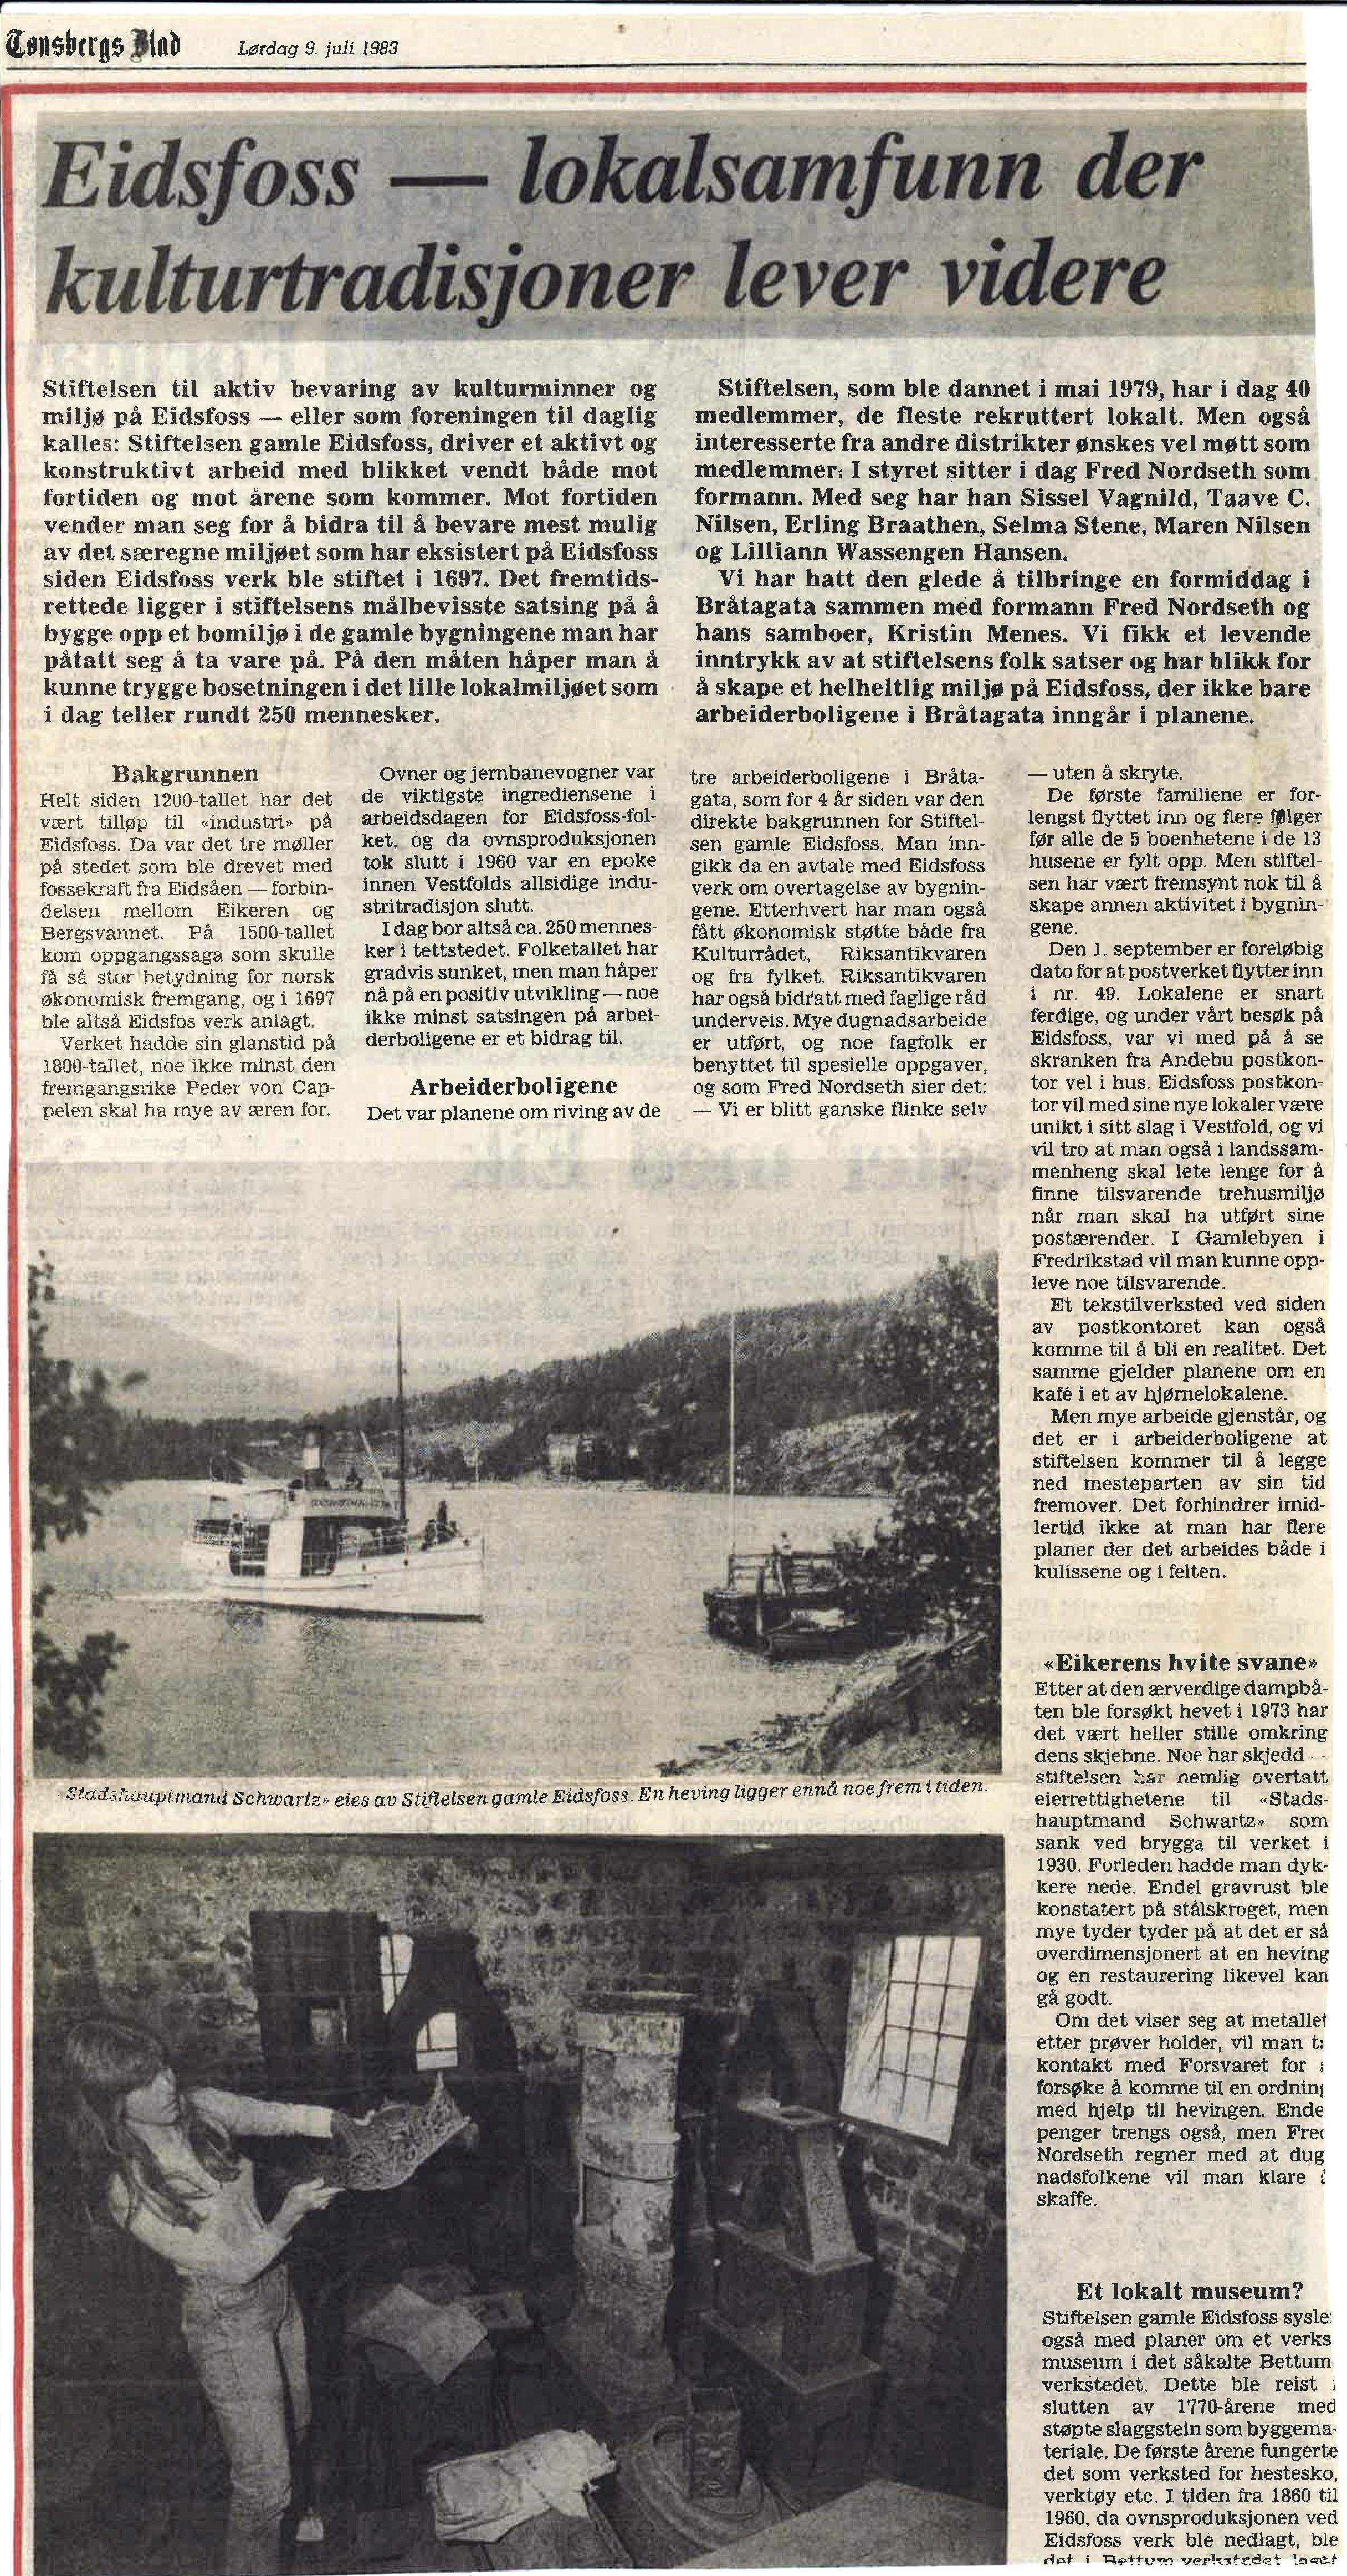 Tønsbergs Blad 9. juli 1983